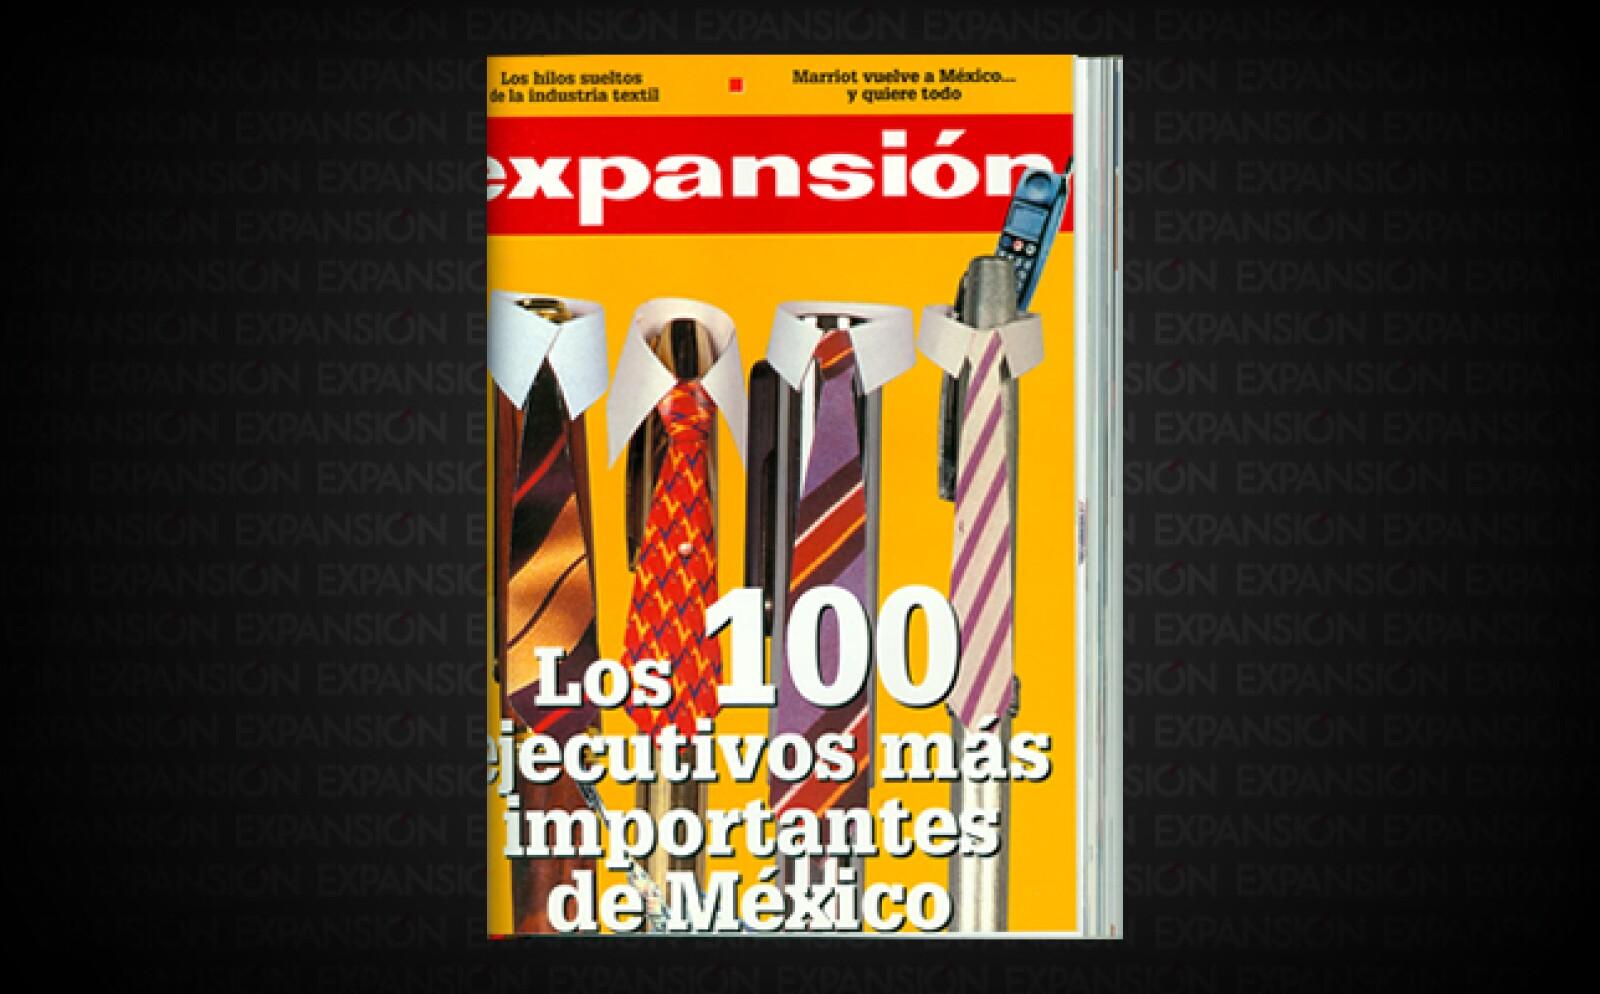 Un repaso al ranking de la revista Expansión a través de sus portadas; Carlos Slim Helú ha coronado la cima durante 16 años de listado.